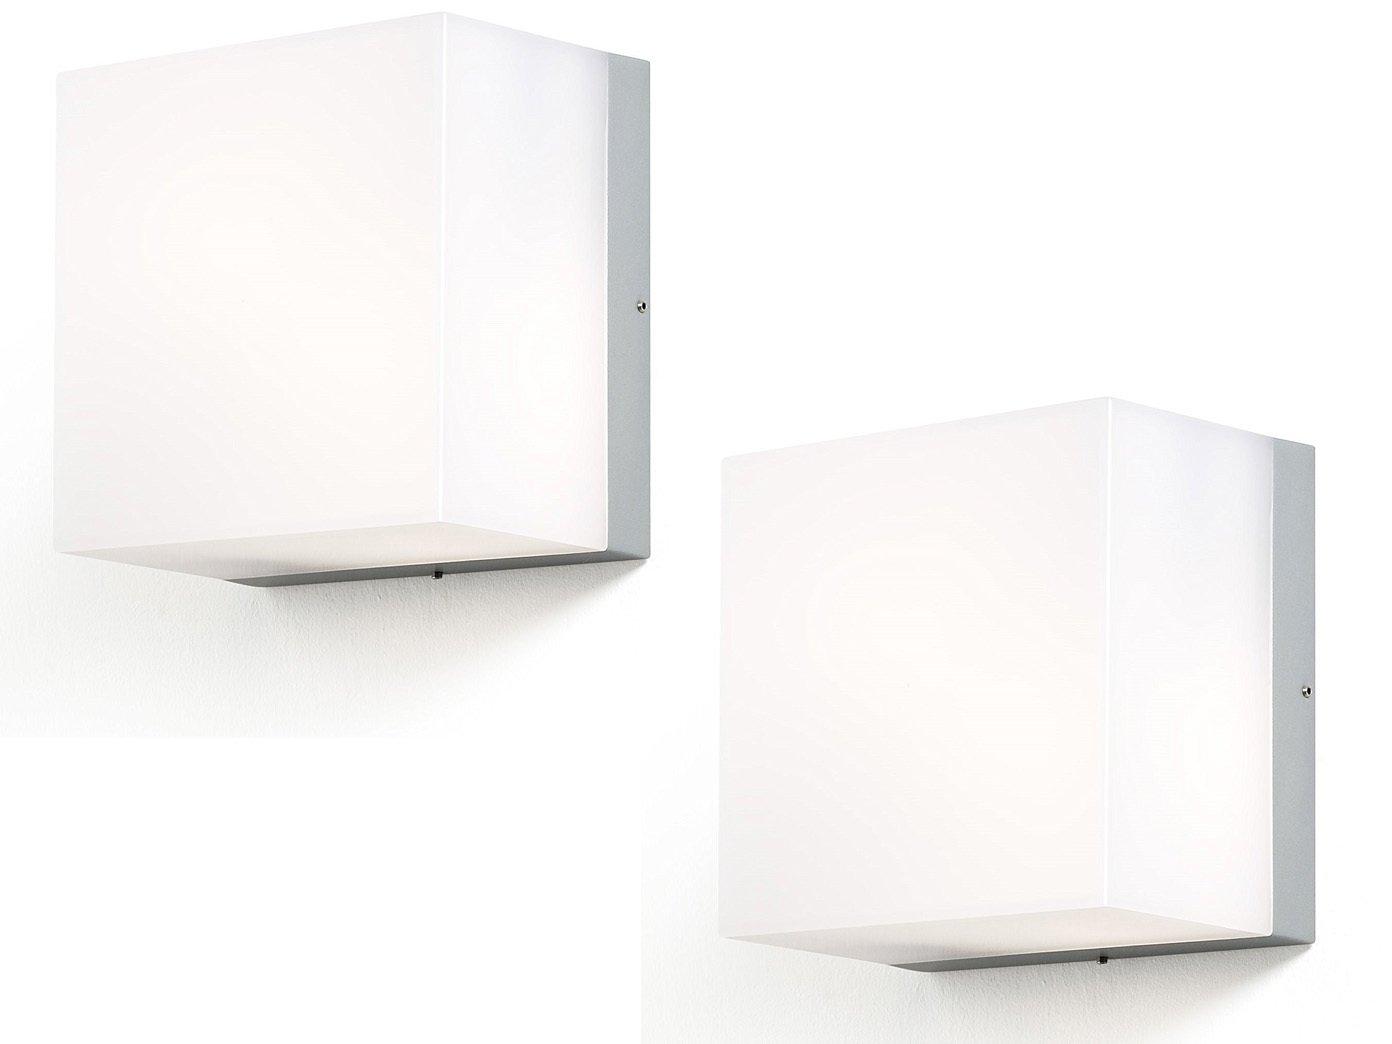 Konstsmide set risparmio energetico lampada applique sanremo x